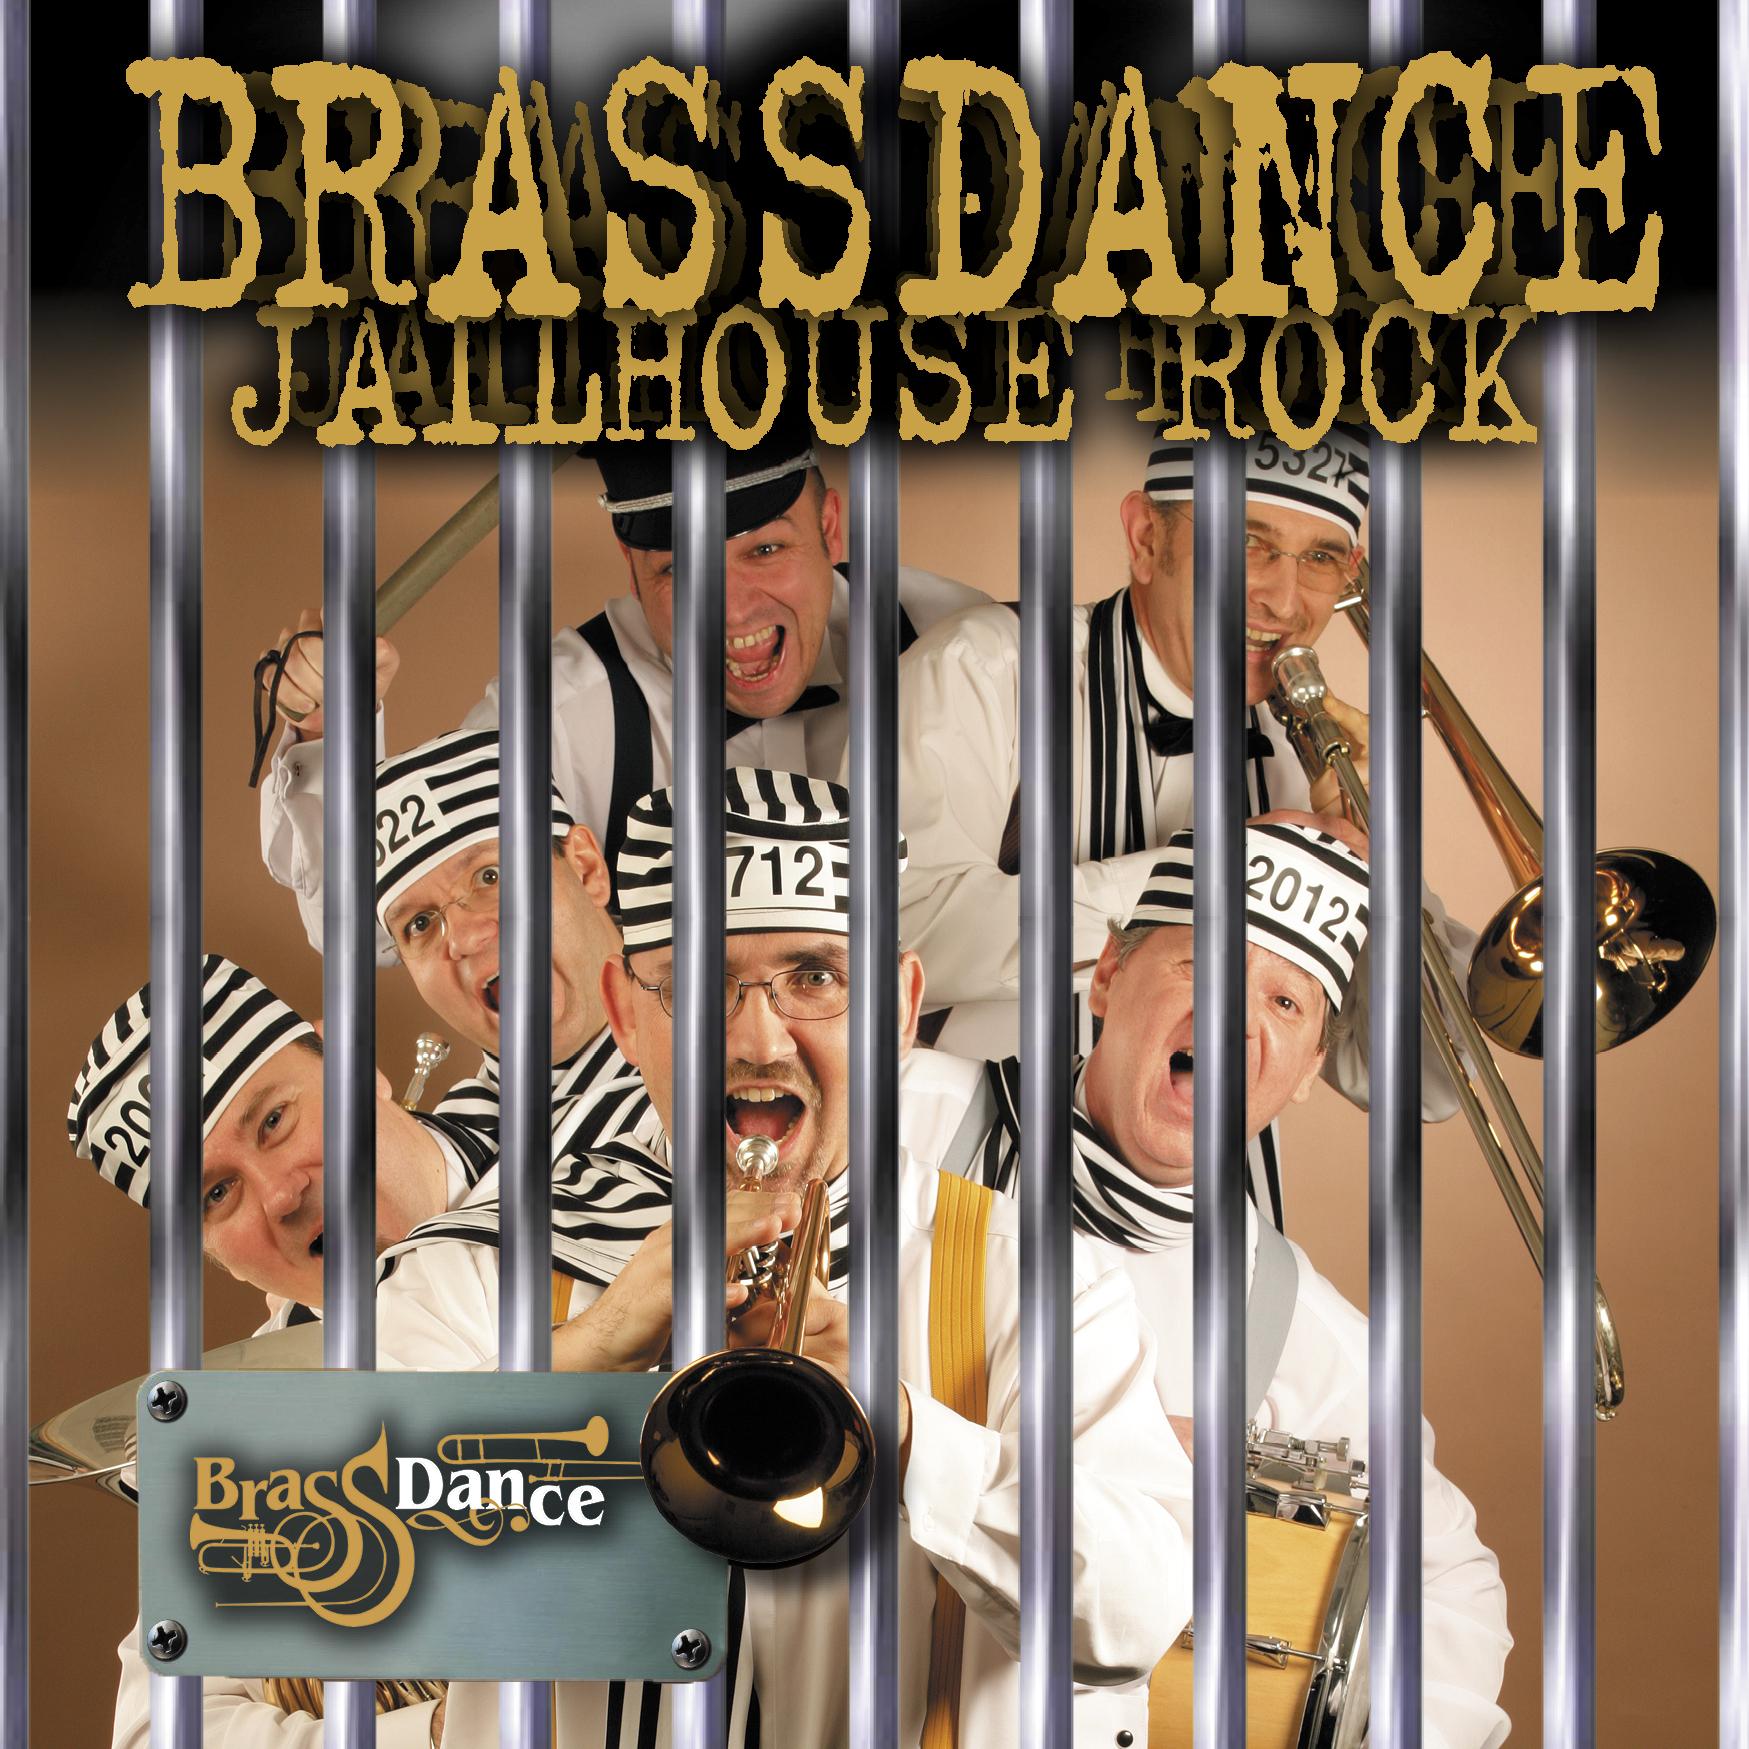 BRASSDANCE